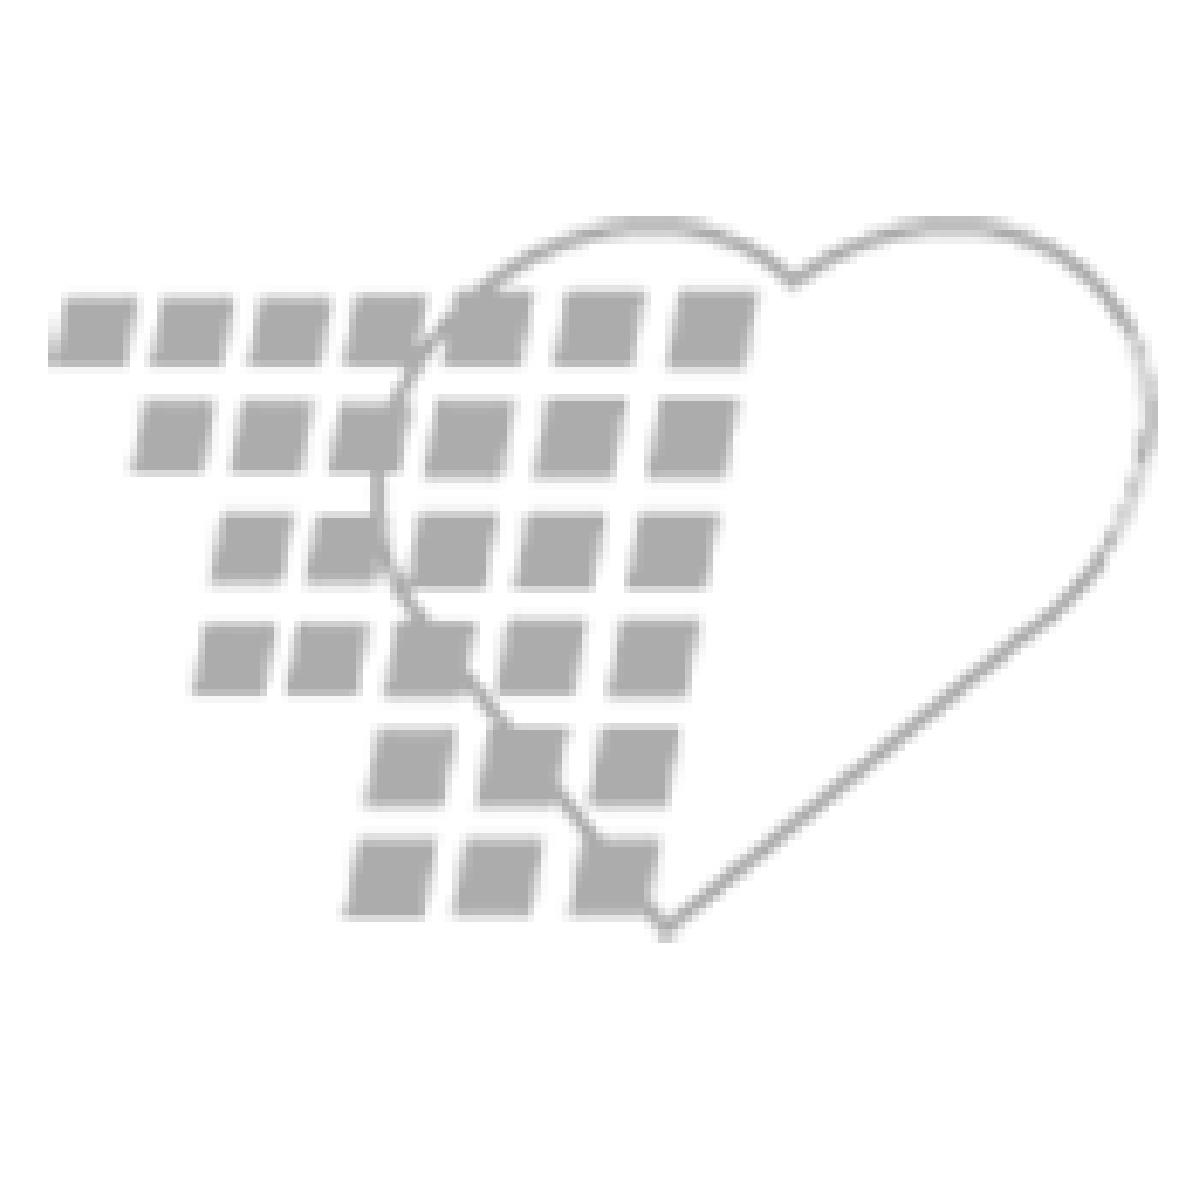 05-44-8903 - Sterile Burn Blanket